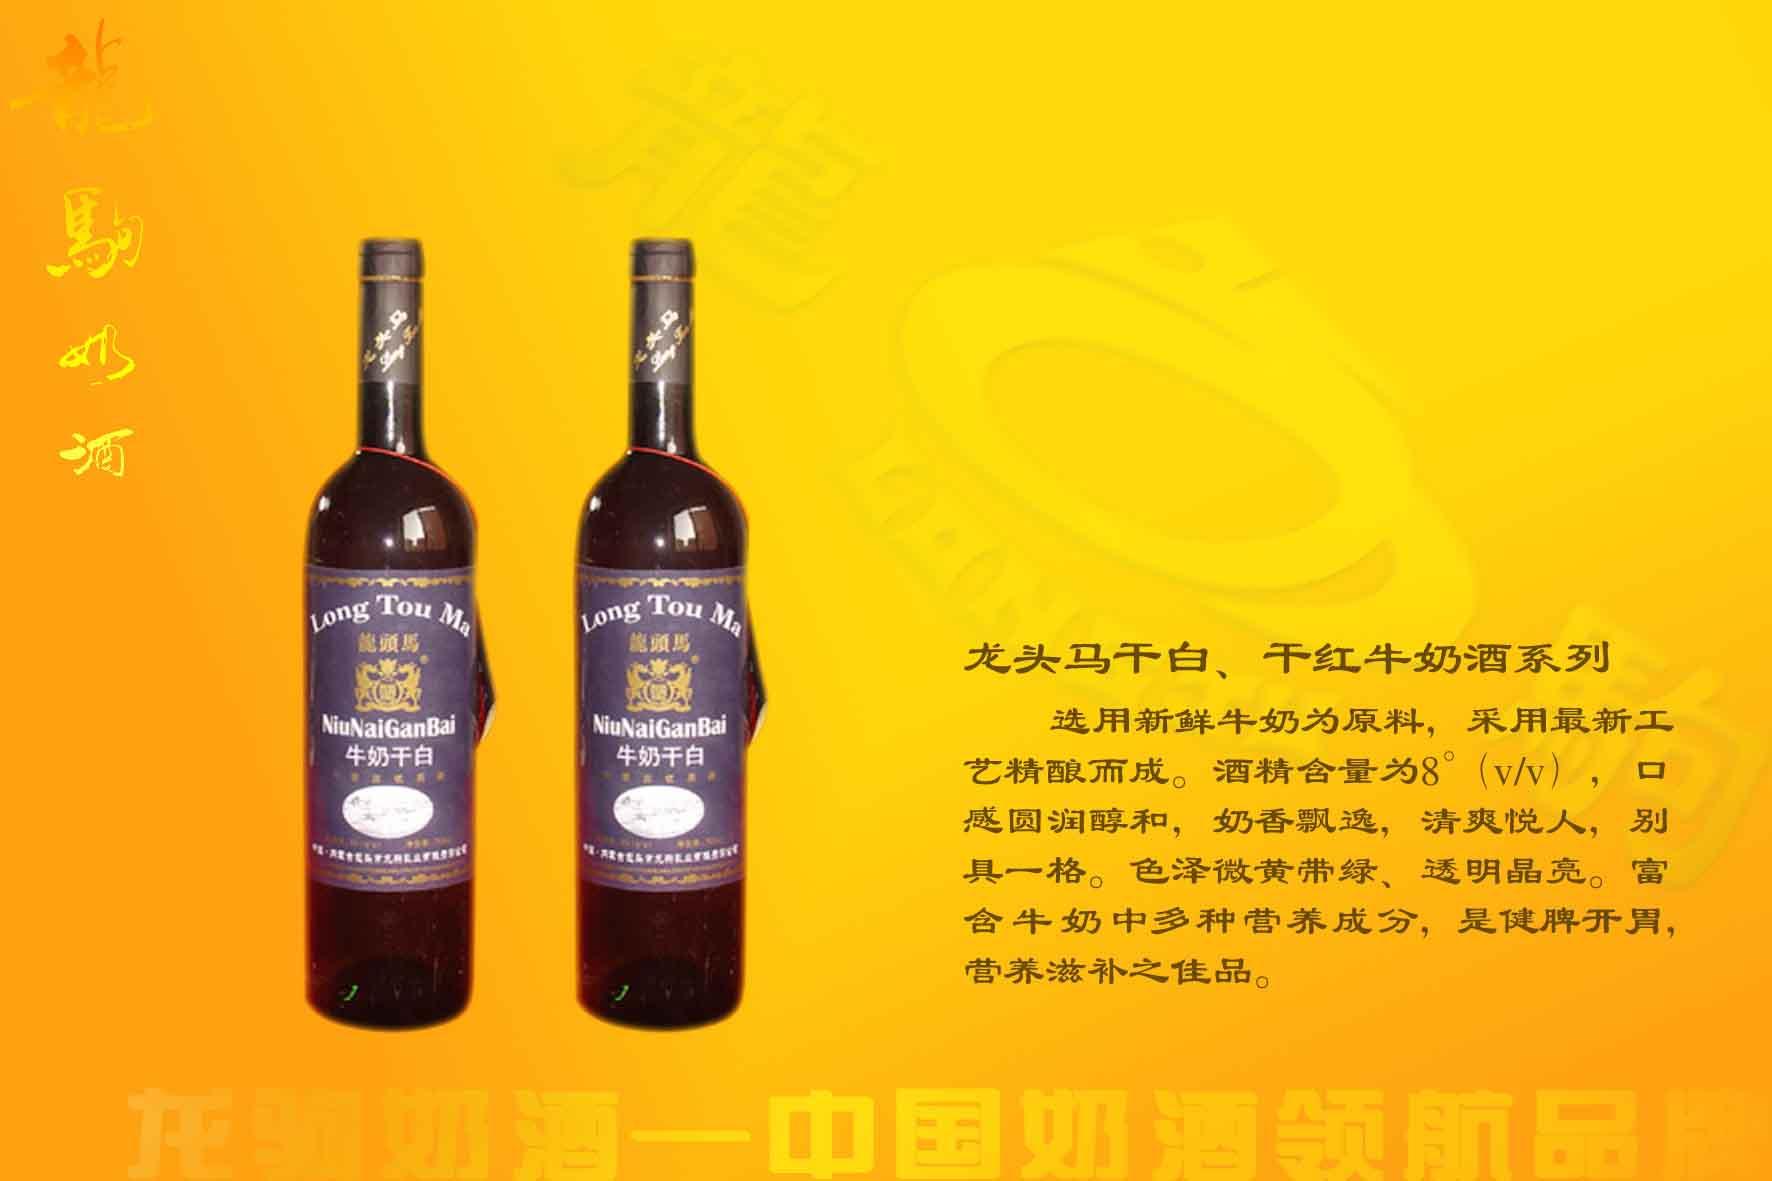 龙驹奶酒--理想的品牌